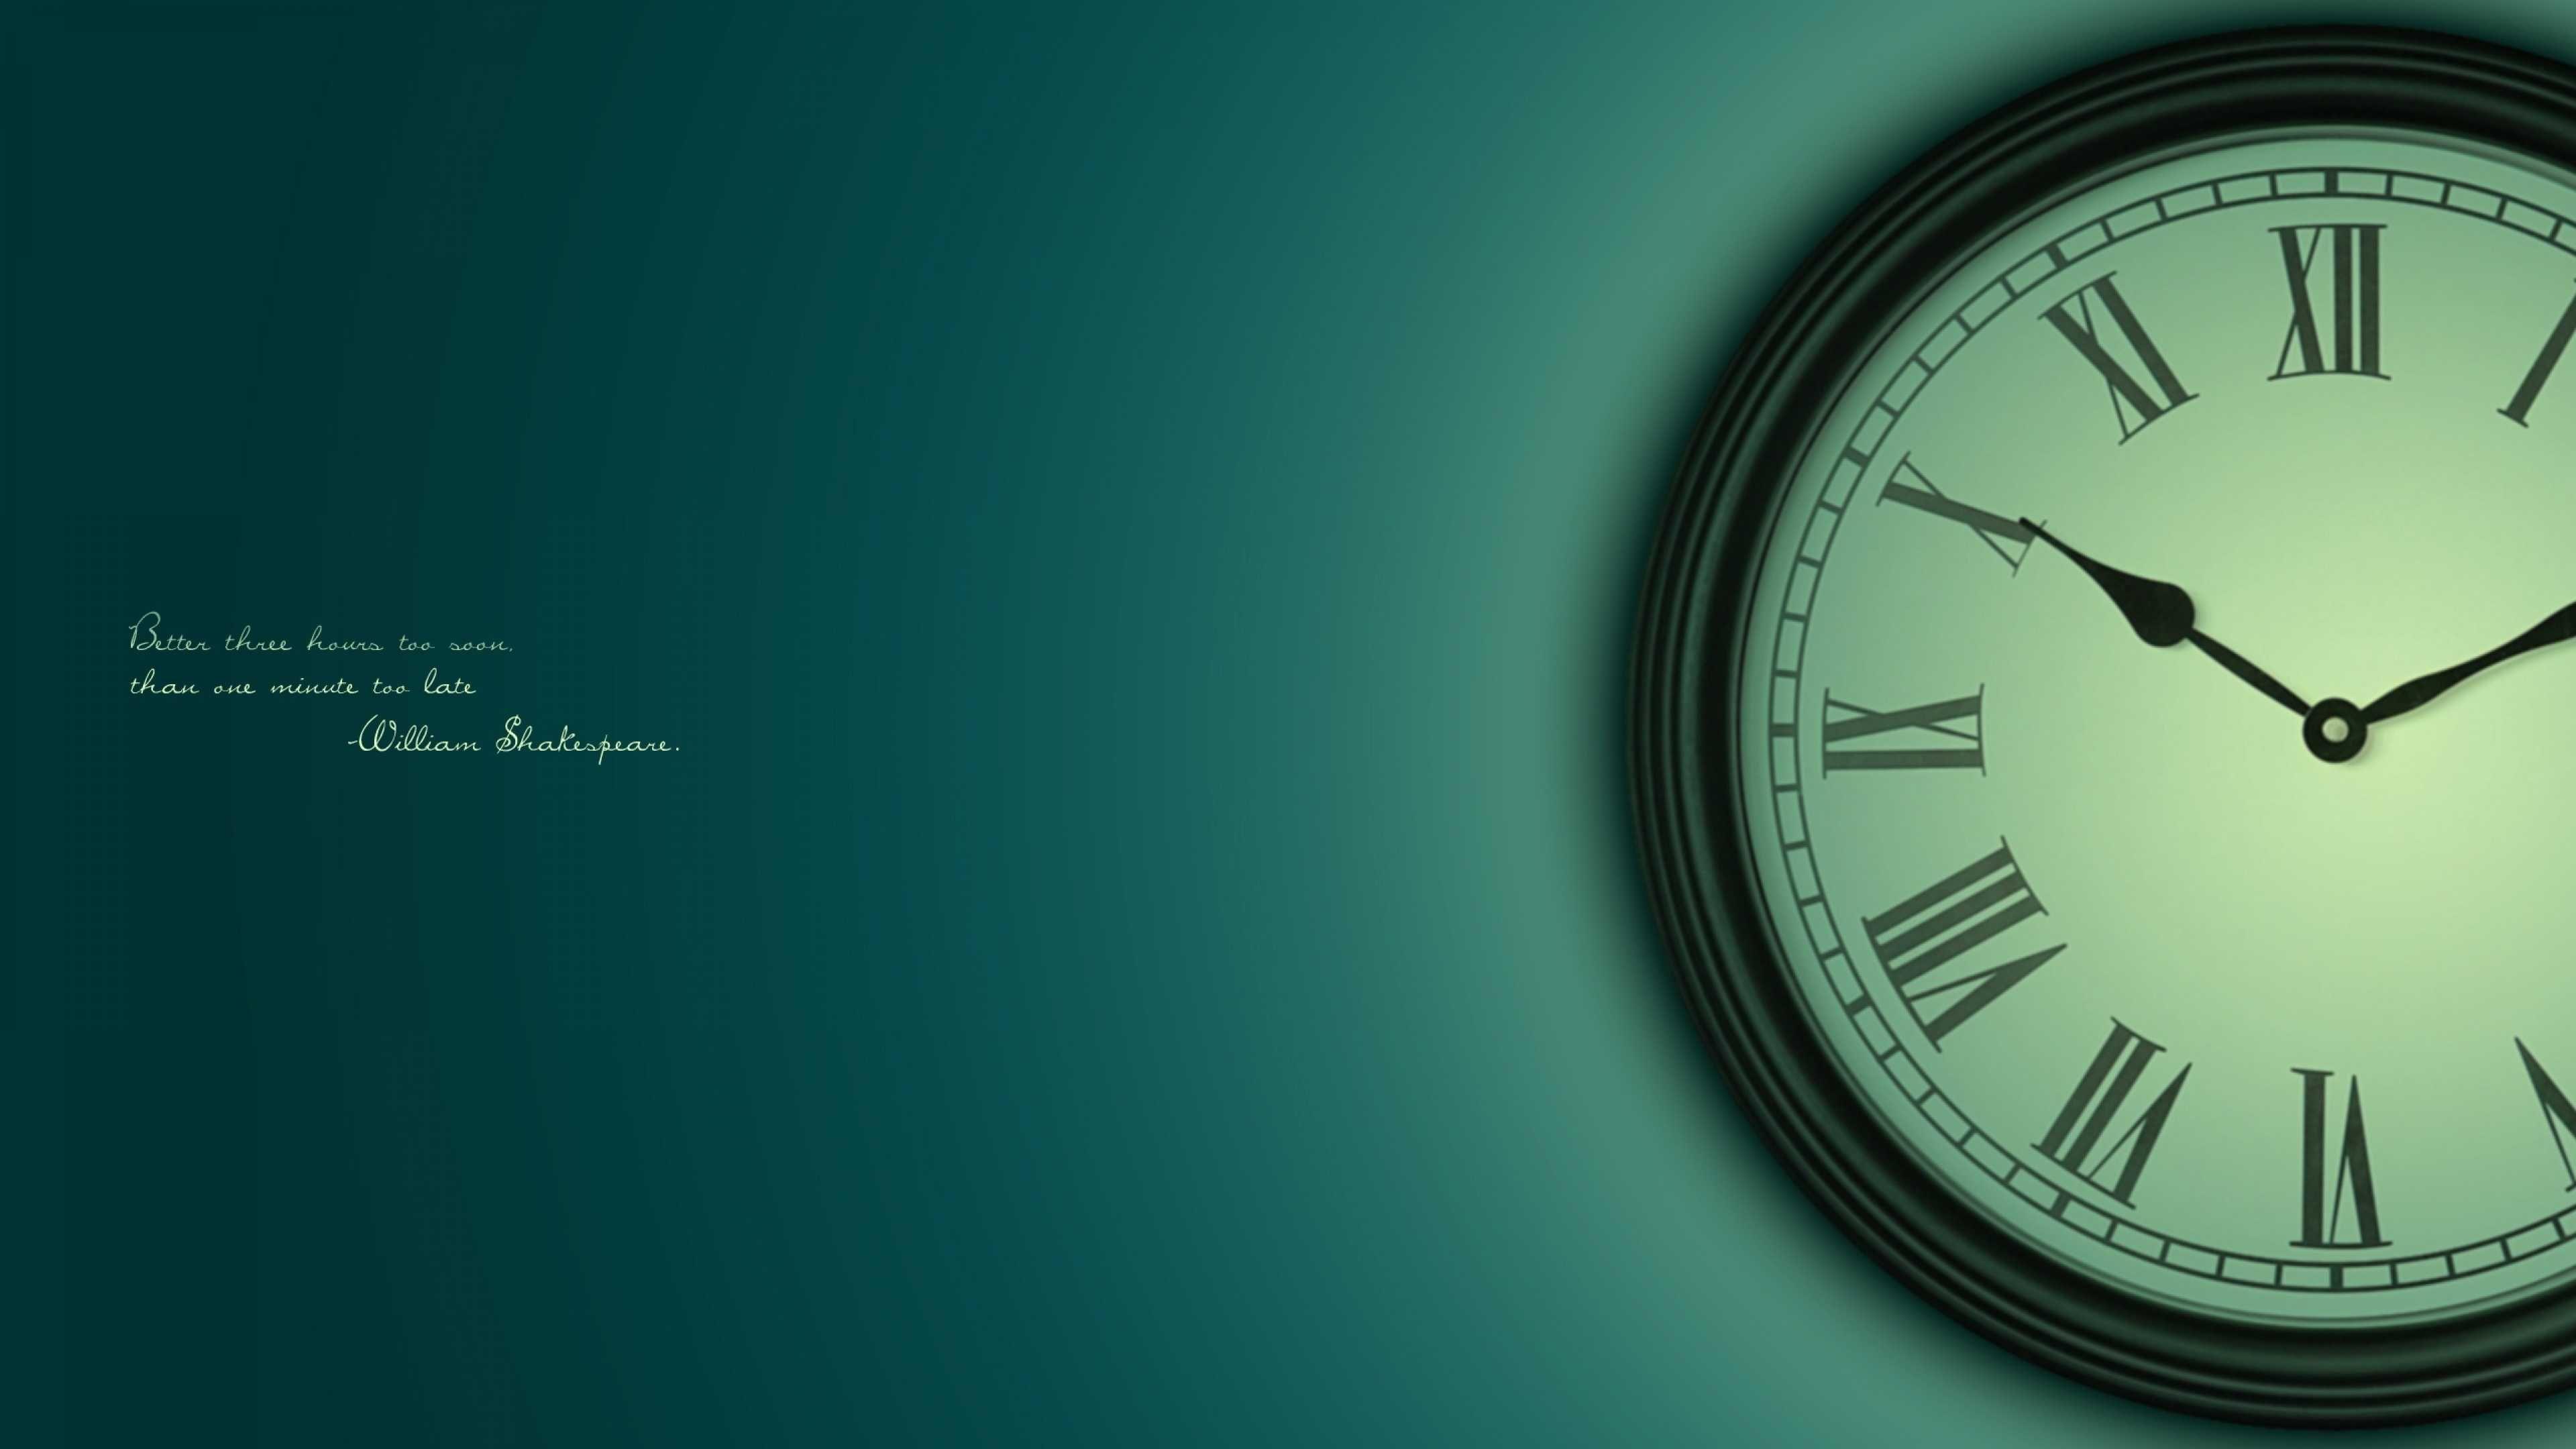 inspirational wallpaper 4k - http://hdwallpaper.info ...